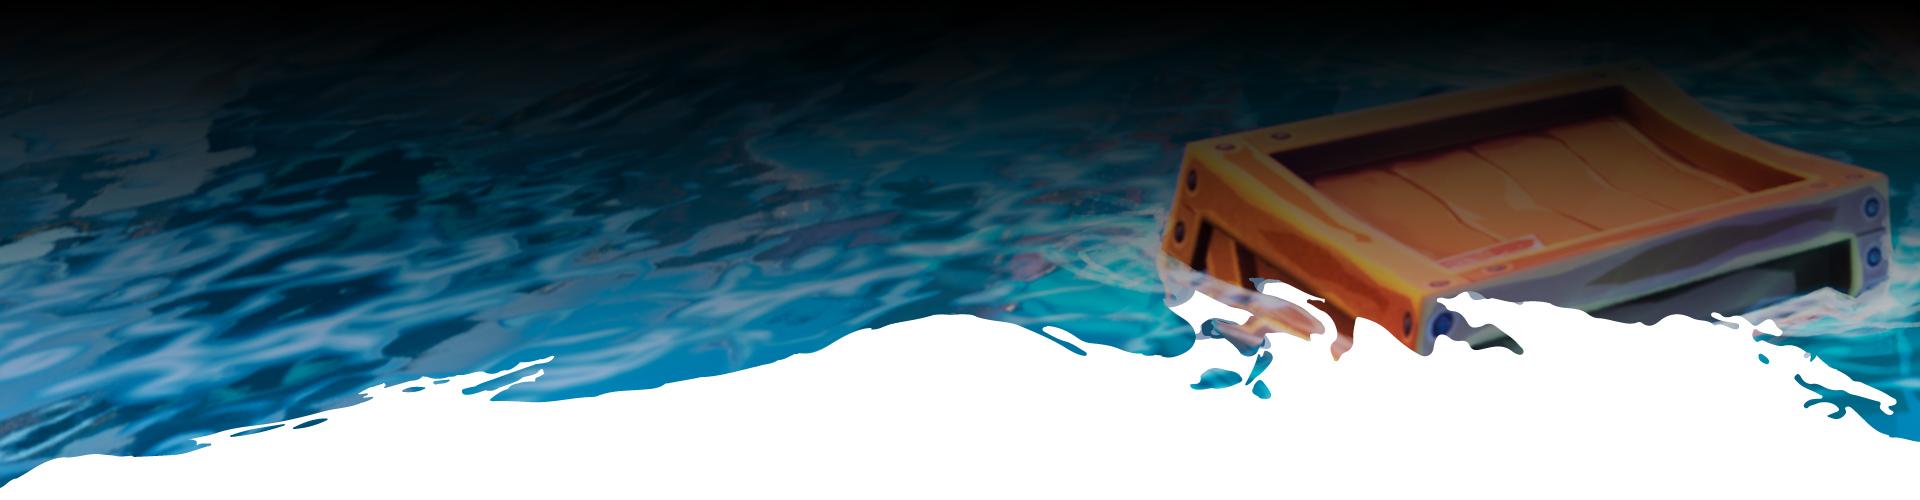 Eine einsame Schatztruhe treibt auf dem Ozean.